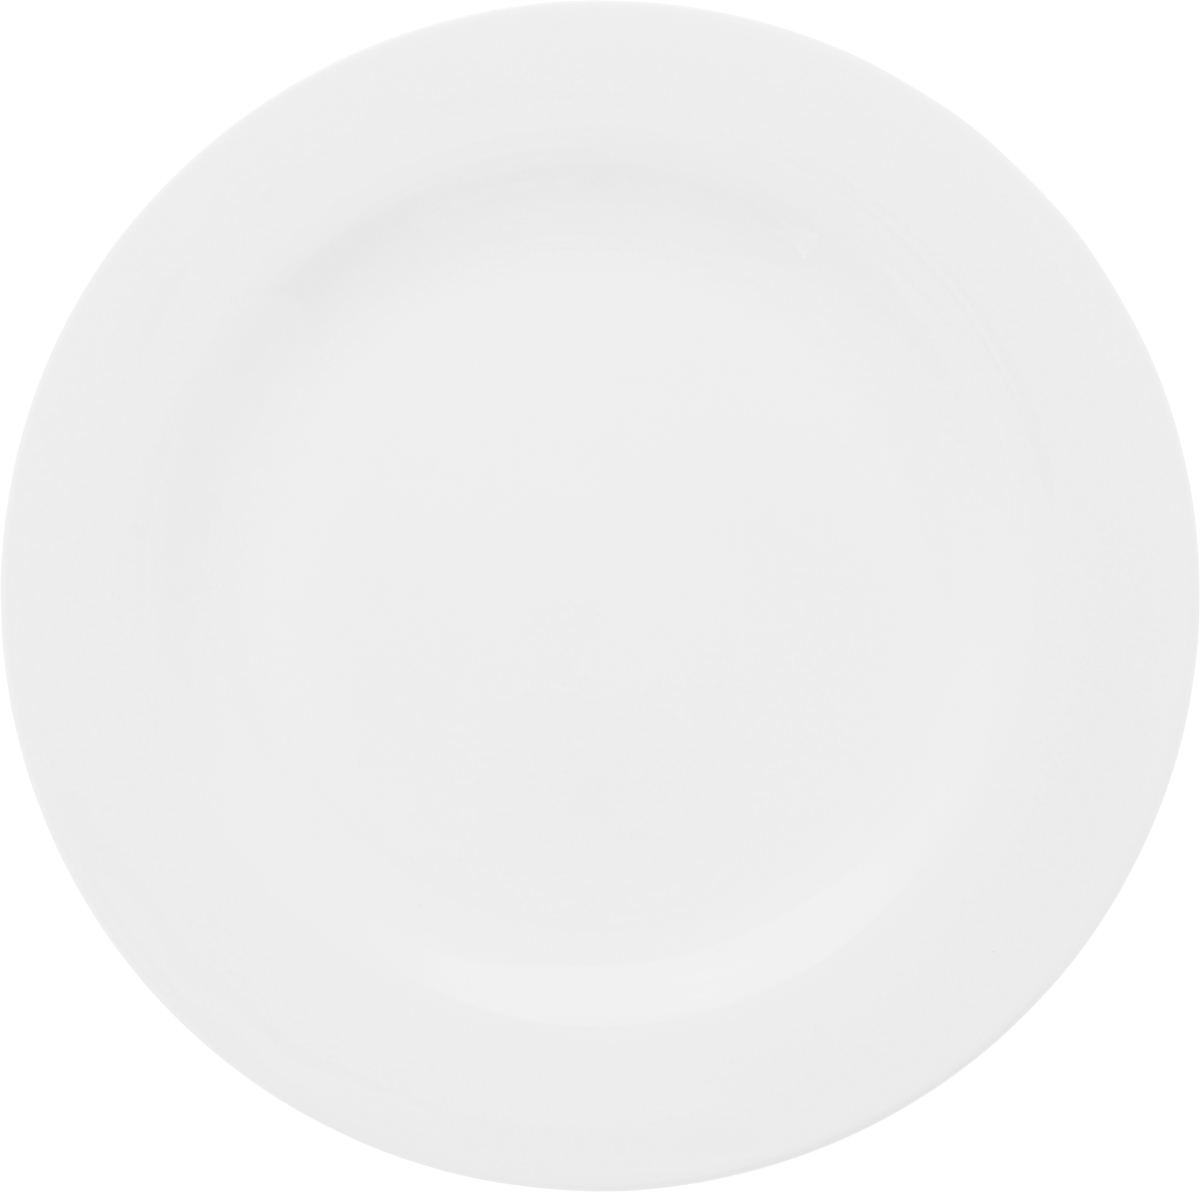 Тарелка обеденная Luminarc Evolution Peps, диаметр 25 см63373Тарелка обеденная Luminarc Evolution Peps выполнена из высококачественного стекла.Тарелка прекрасно оформит стол и станет егонеизменным атрибутом.Можно использовать в микроволновой печи и мыть в посудомоечной машине.